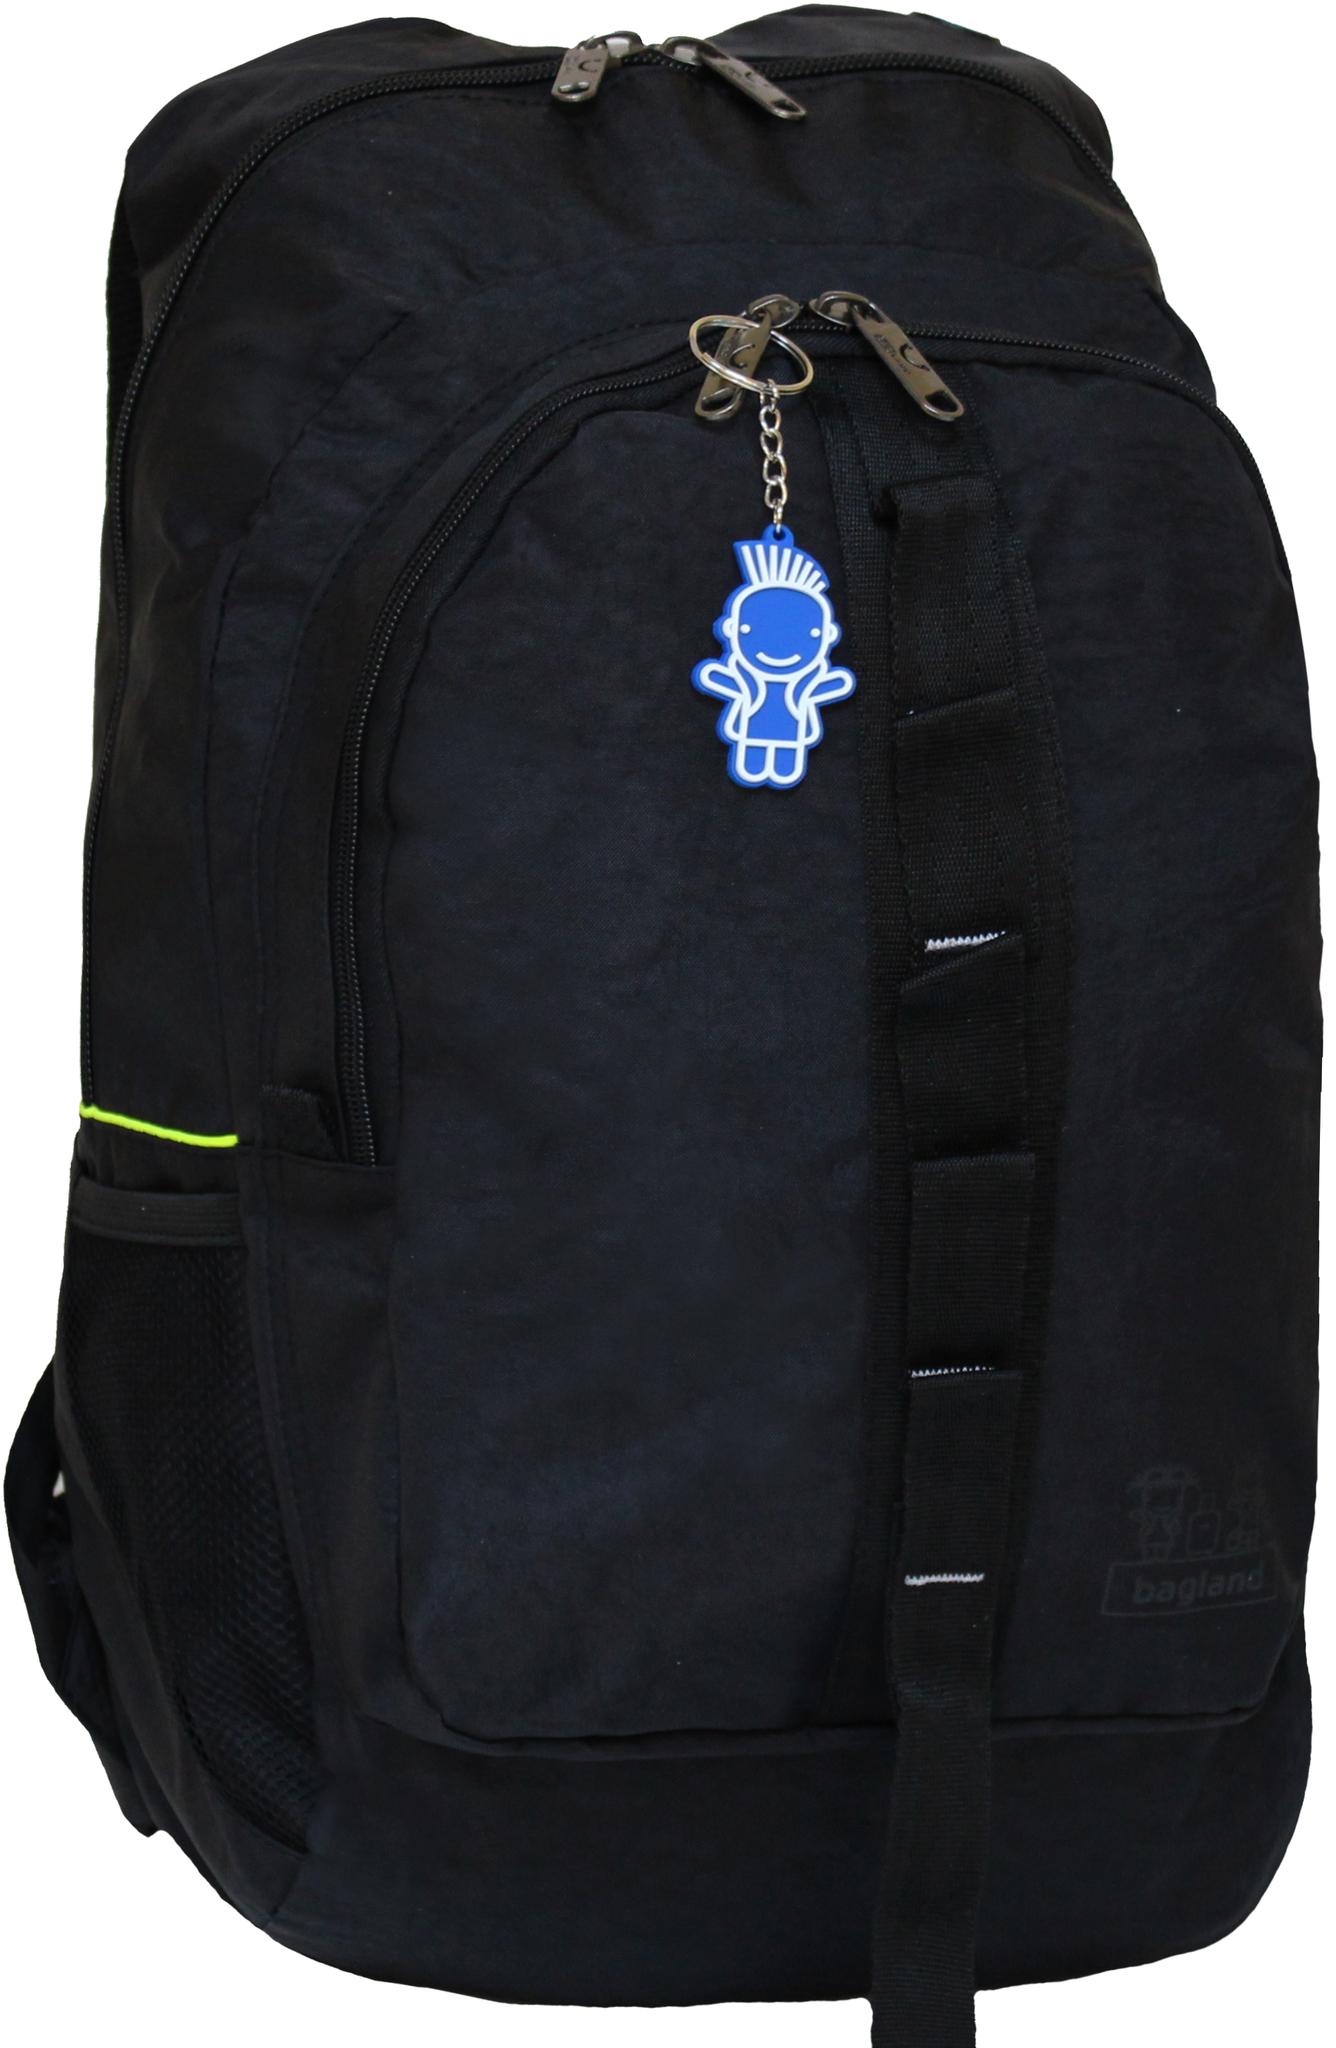 Городские рюкзаки Рюкзак Bagland Тайфун 26 л. Чёрный (0017770) IMG_0187.JPG